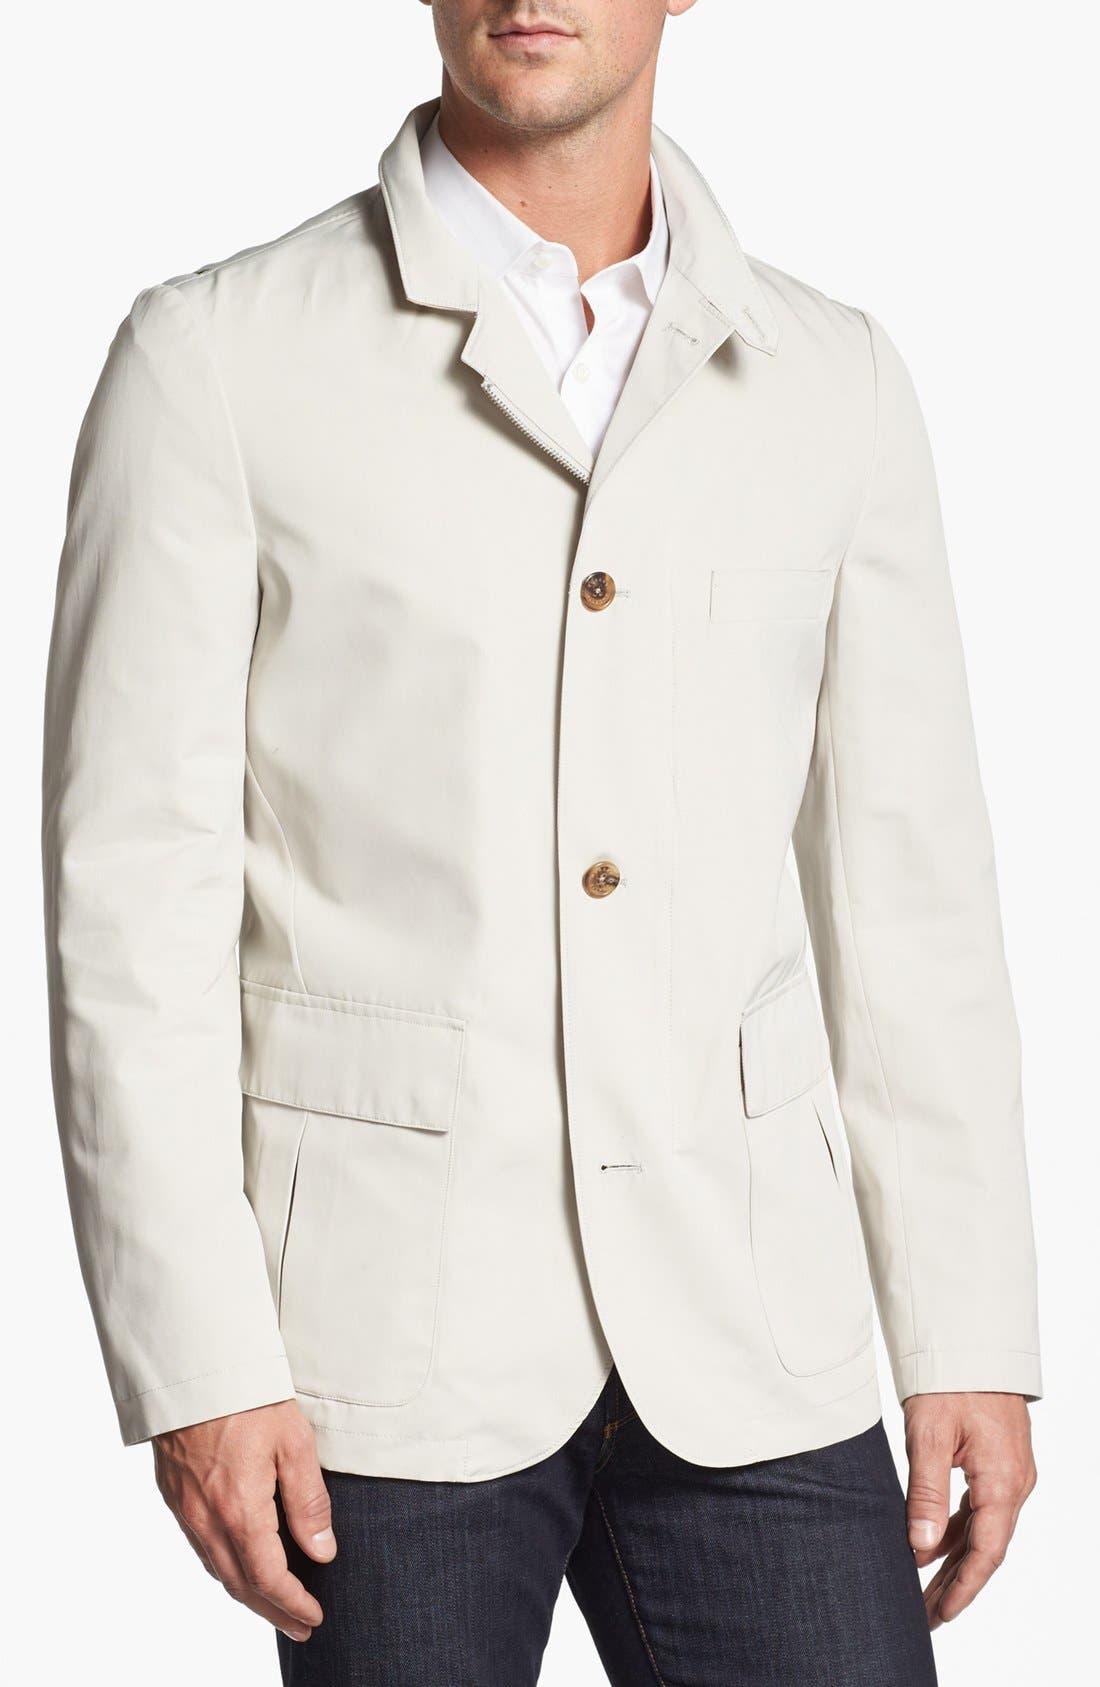 Alternate Image 1 Selected - Robert Talbott 'Carmel' Coat